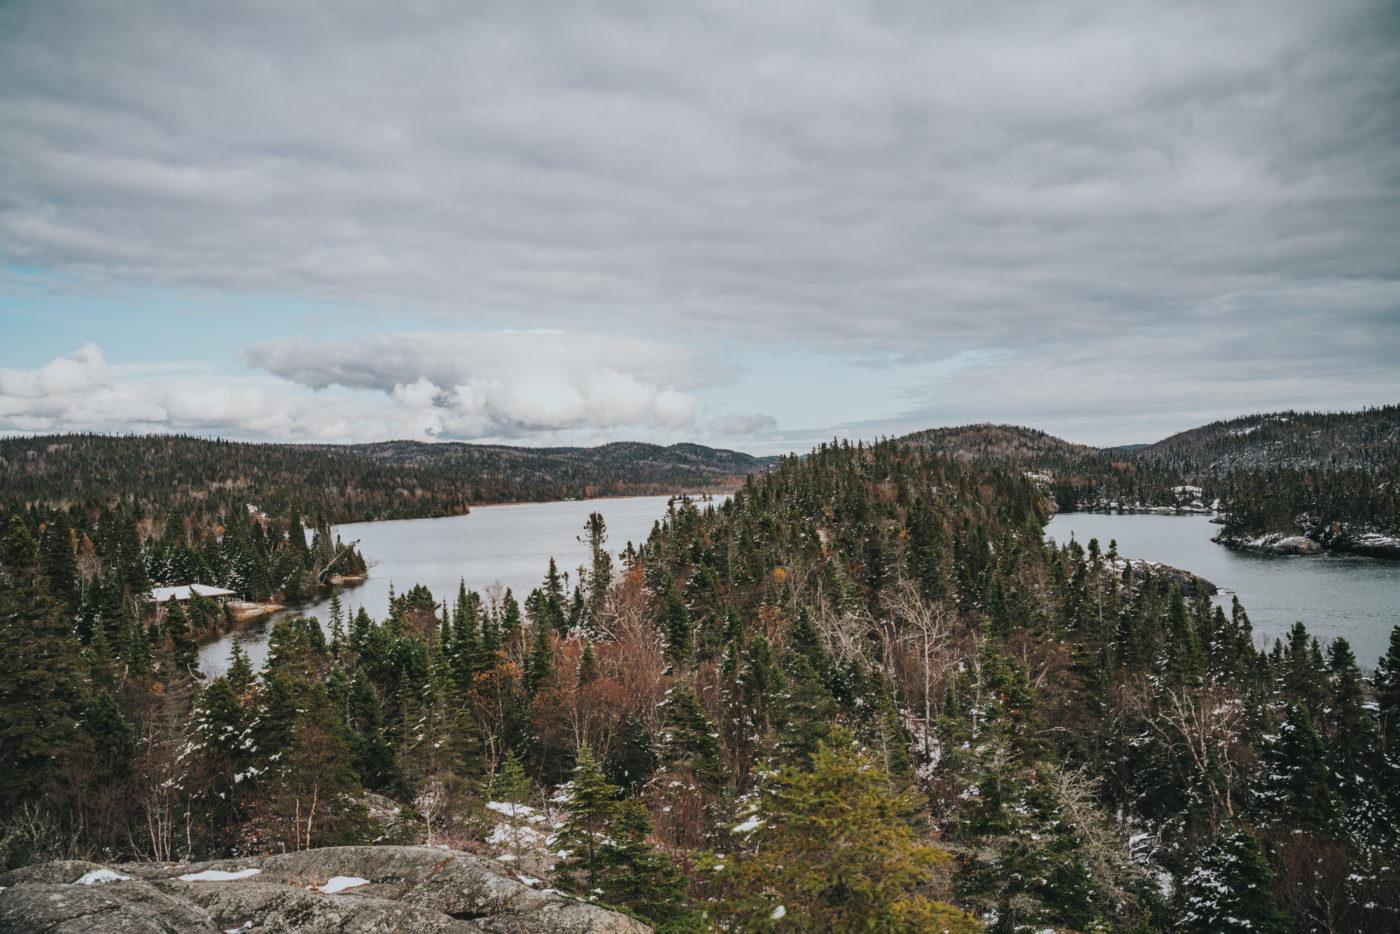 Pukaskwa National Park. Ontario